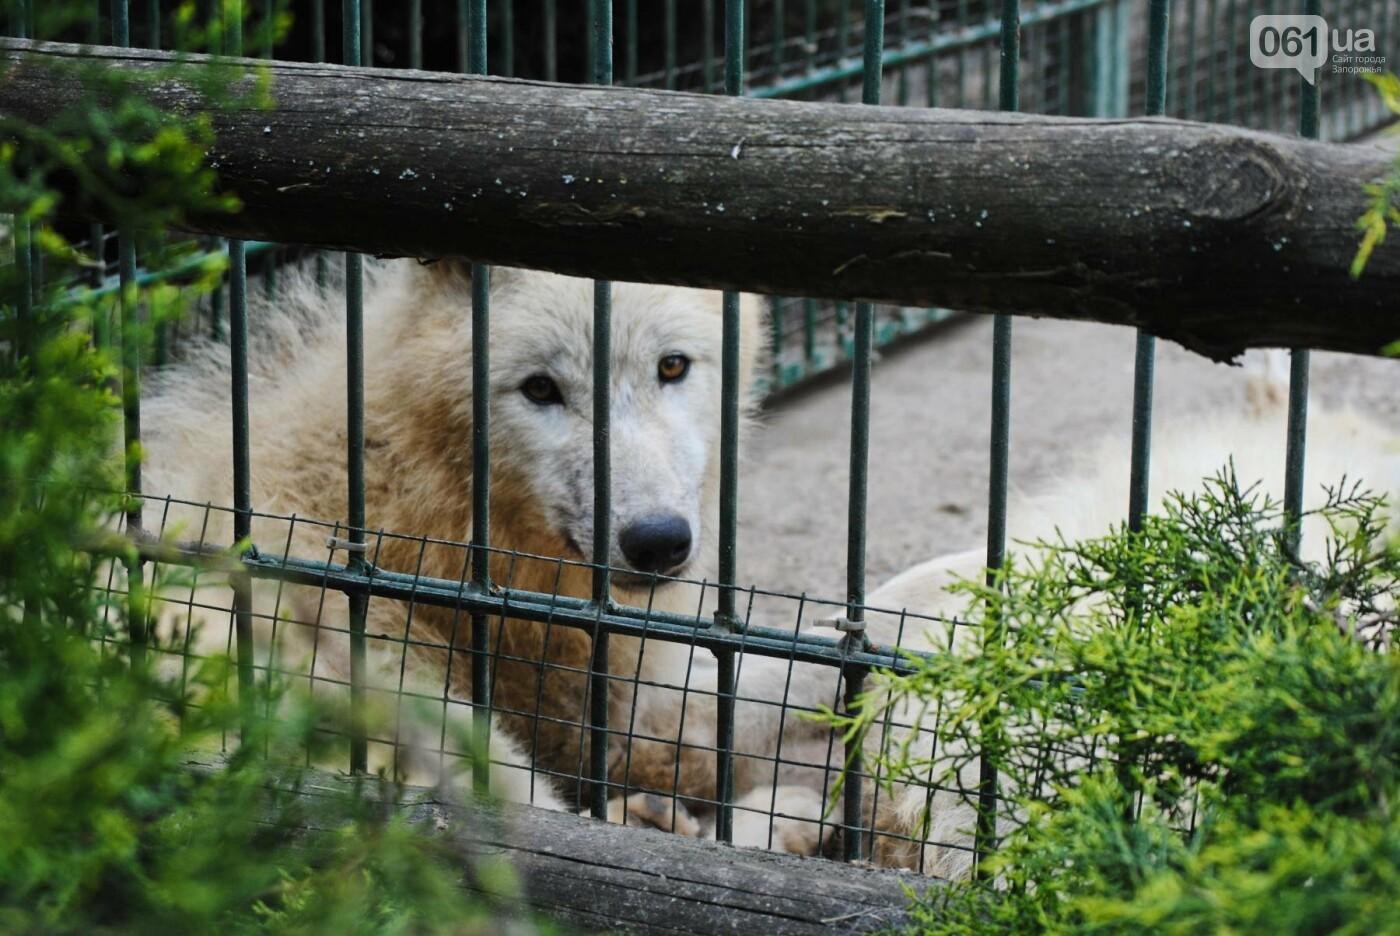 В бердянском зоопарке появились кенгуру: они любят хлеб и скоро станут ручными, - ФОТОРЕПОРТАЖ, фото-21